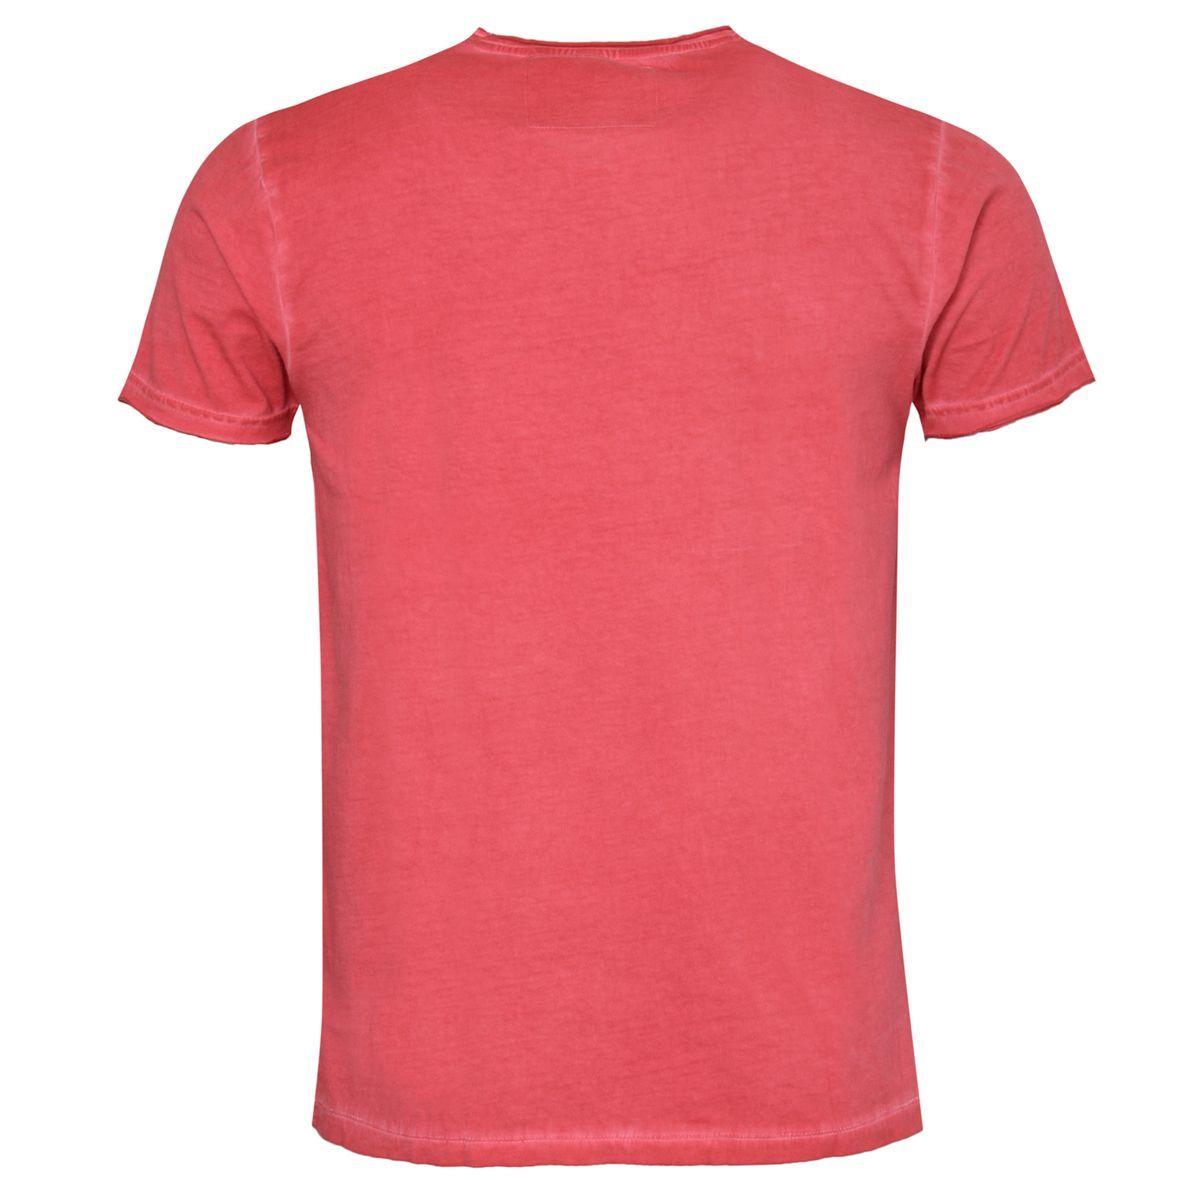 MarJo Trachtenshirt in Rot günstig kaufen